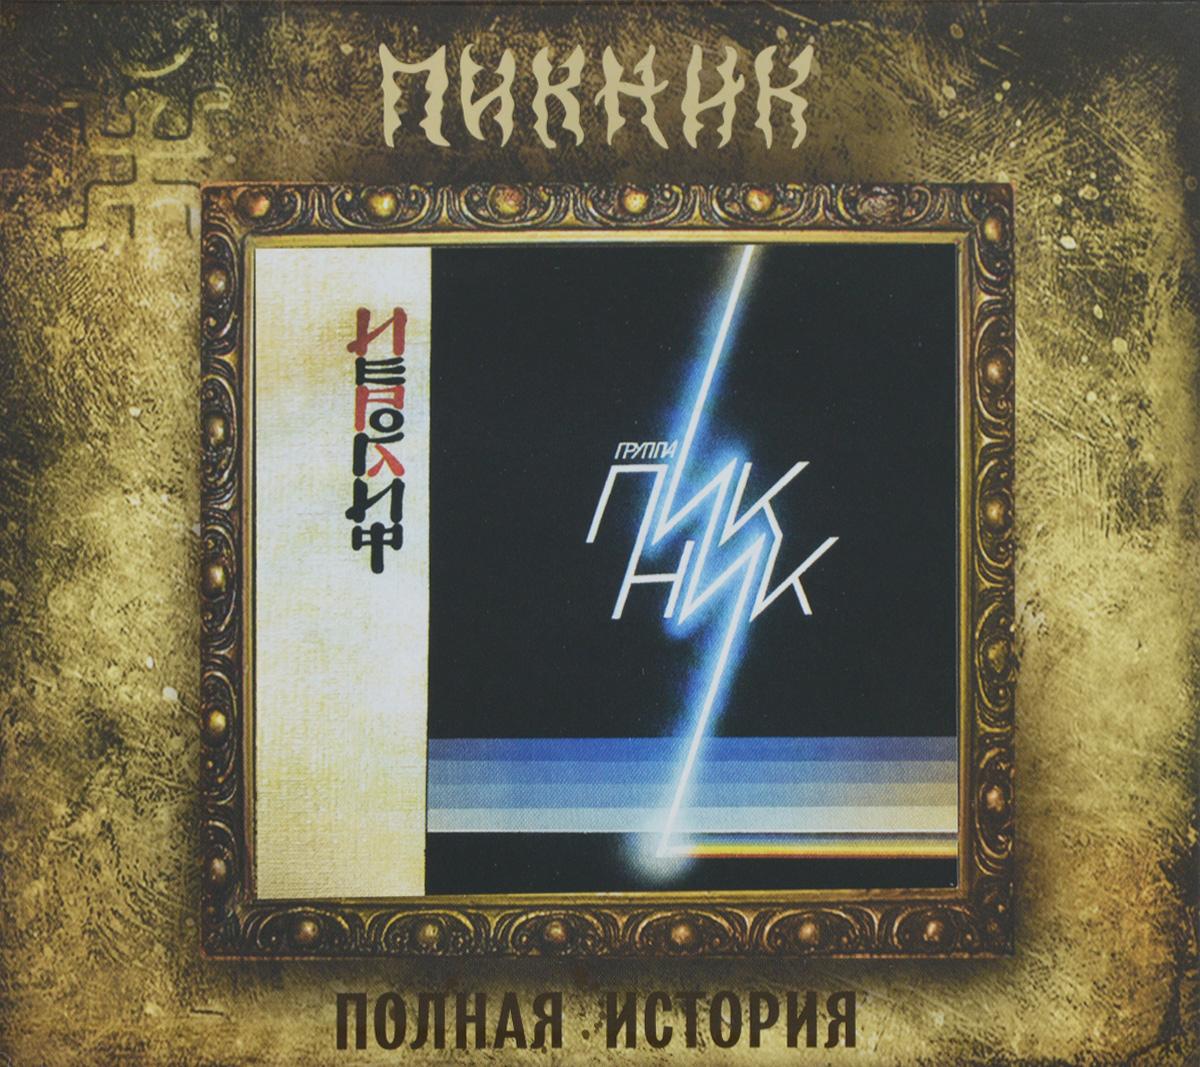 Подарочное серийное издание содержит раскладку с текстами песен на русском языке, а также значок и магнит.